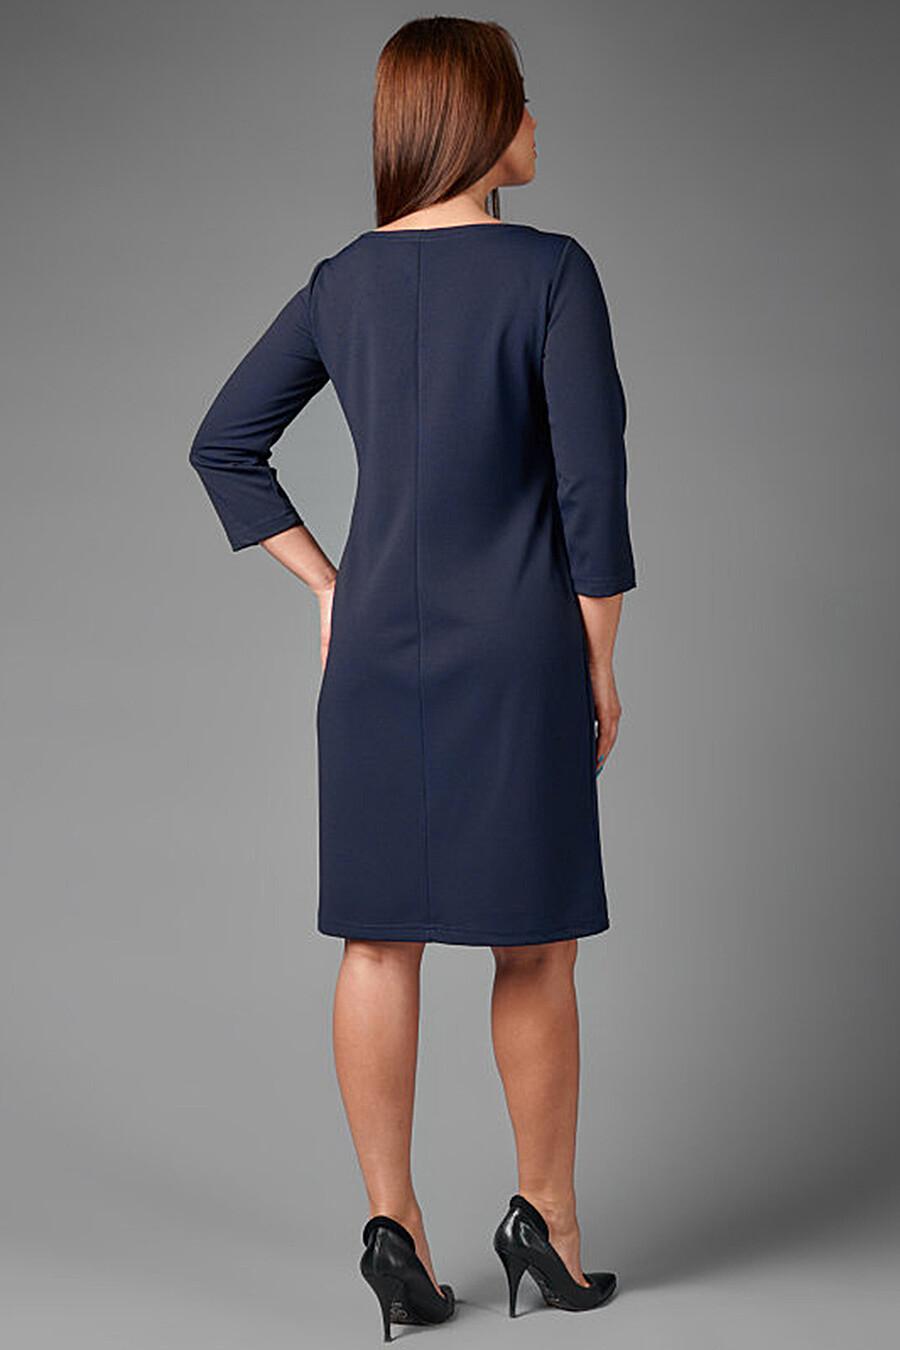 Платье для женщин ALTEX 158234 купить оптом от производителя. Совместная покупка женской одежды в OptMoyo